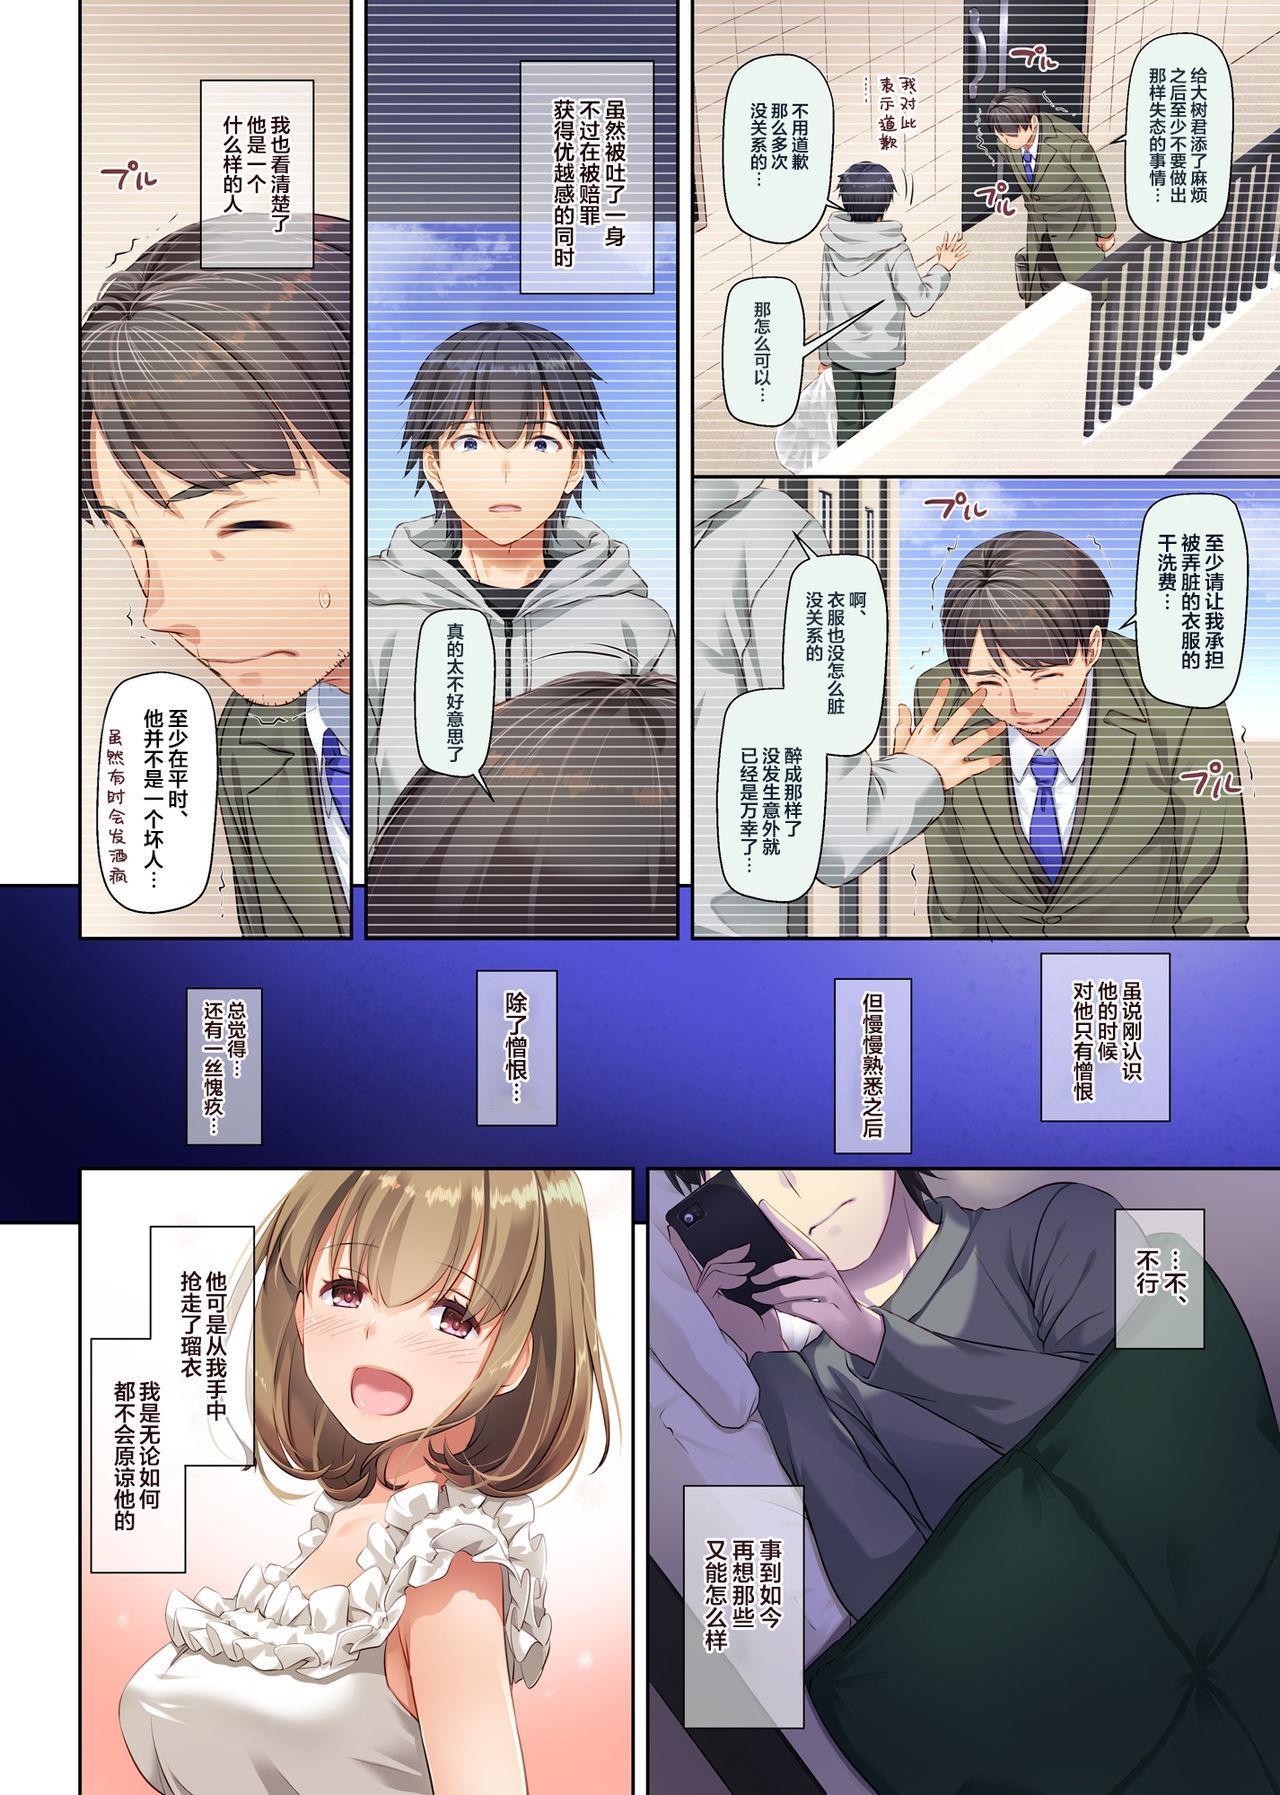 Hitozuma Osananajimi to Hitonatsu no Dekigoto 3 DLO-14 3